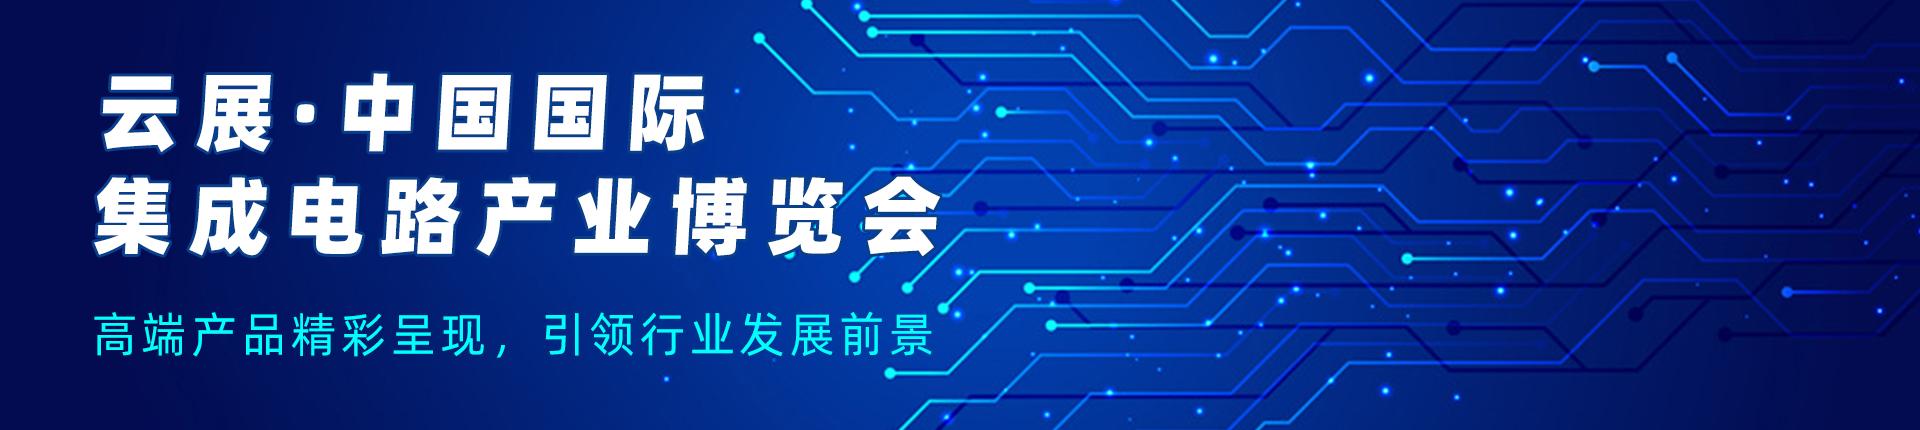 云展·中国国际集成电路产业博览会